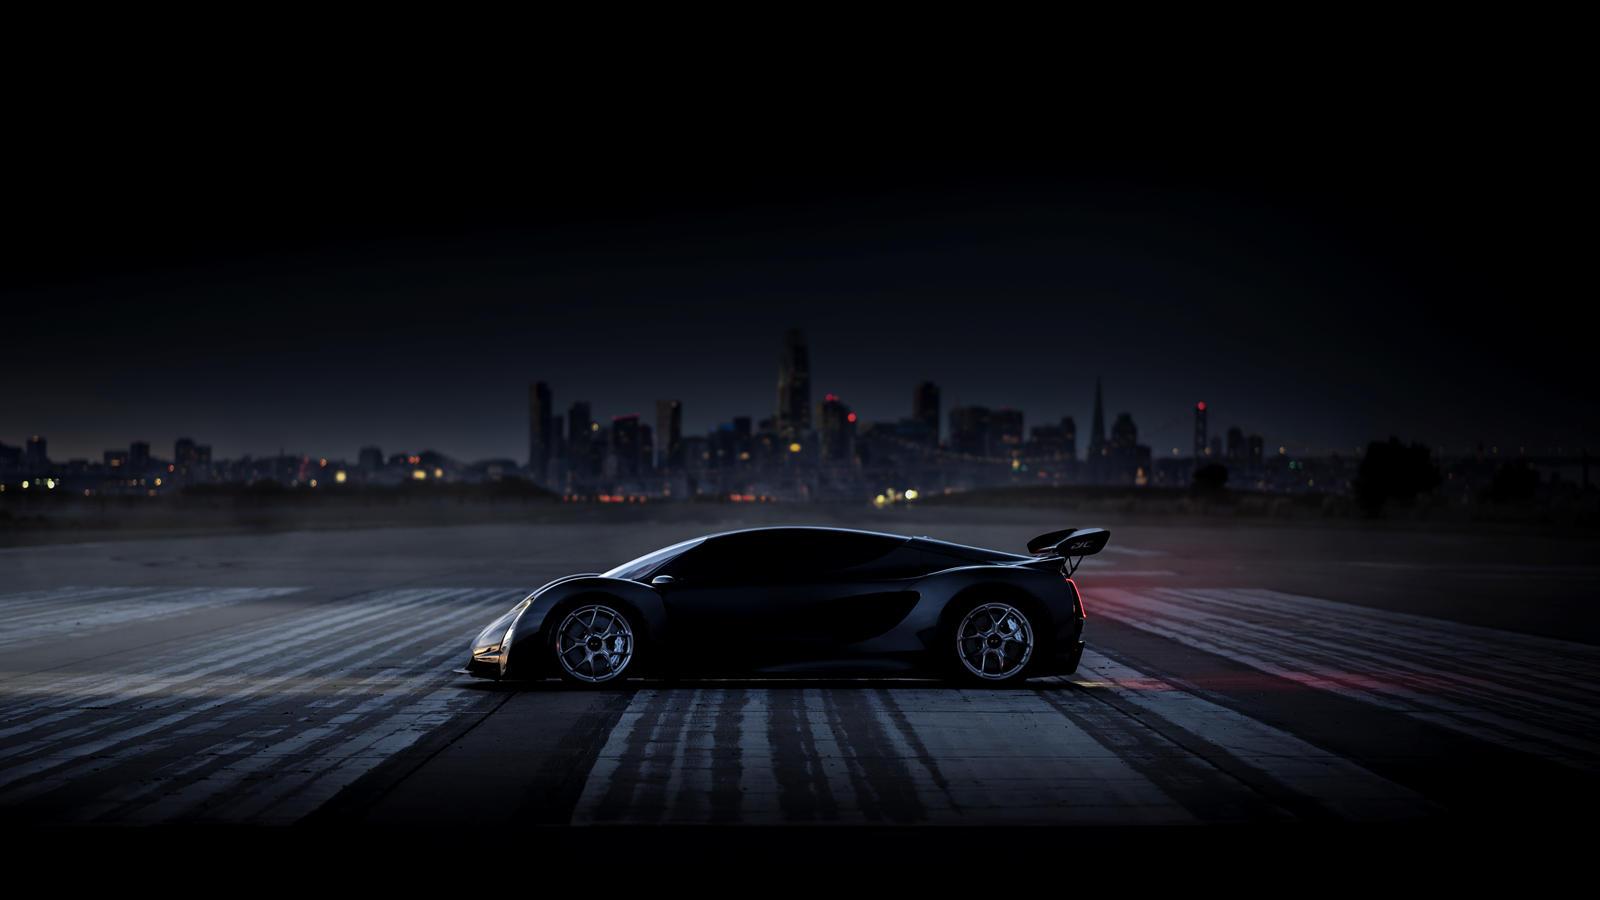 Czinger утверждает, что гиперкар 21C будет способен разгоняться до сотни всего за 1,9 секунды. Чтобы поместить это в контекст, это соответствует заявленному времени спринта родстера Tesla и лишь немного медленнее, чем электрический гиперкар Rimac C_T